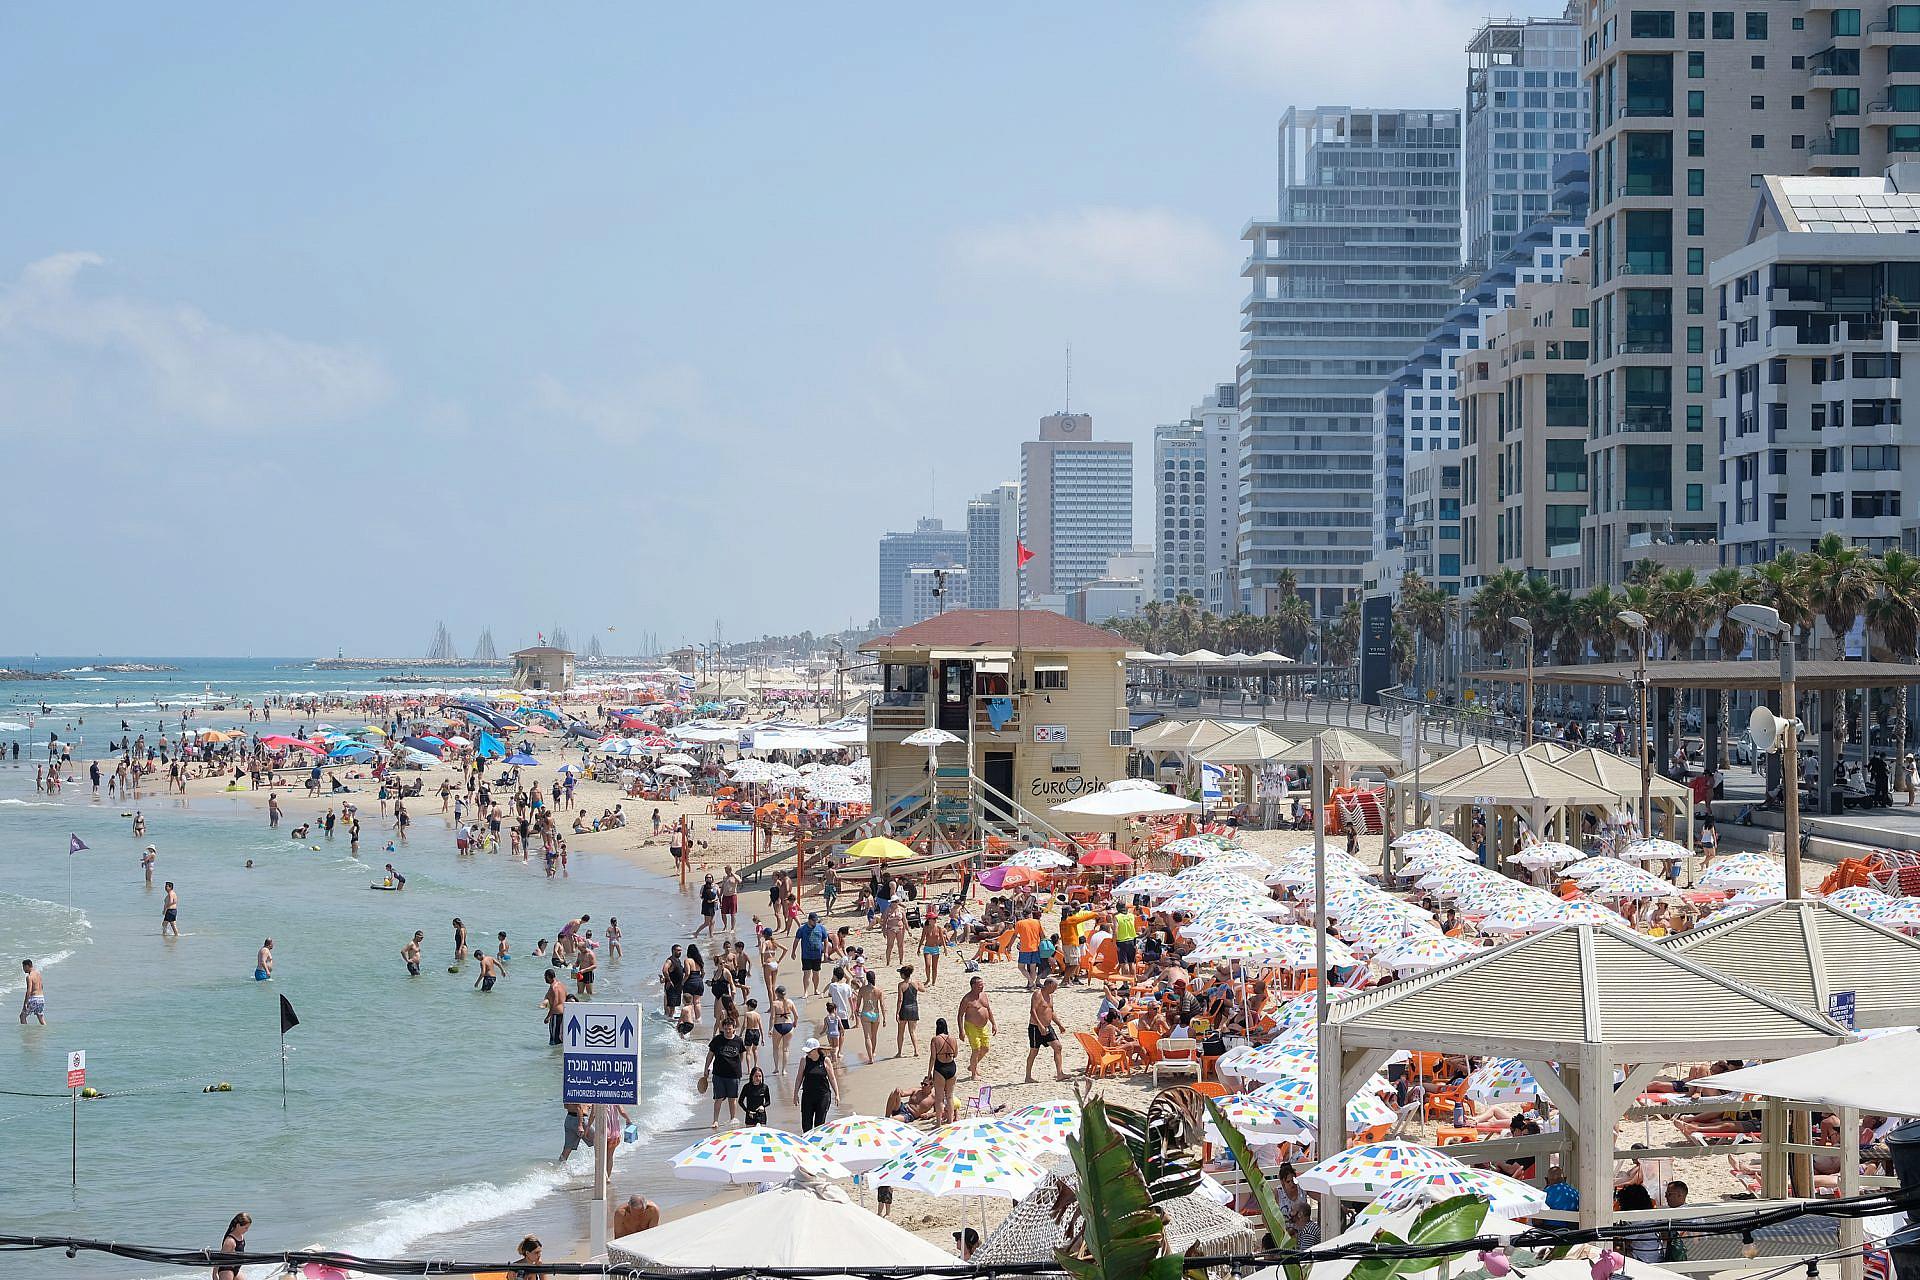 ככה, נגיד, סוגרים לנו את הים תוך שבועיים. חופי תל אביב באמצע יוני (צילום: שאטרסטוק)